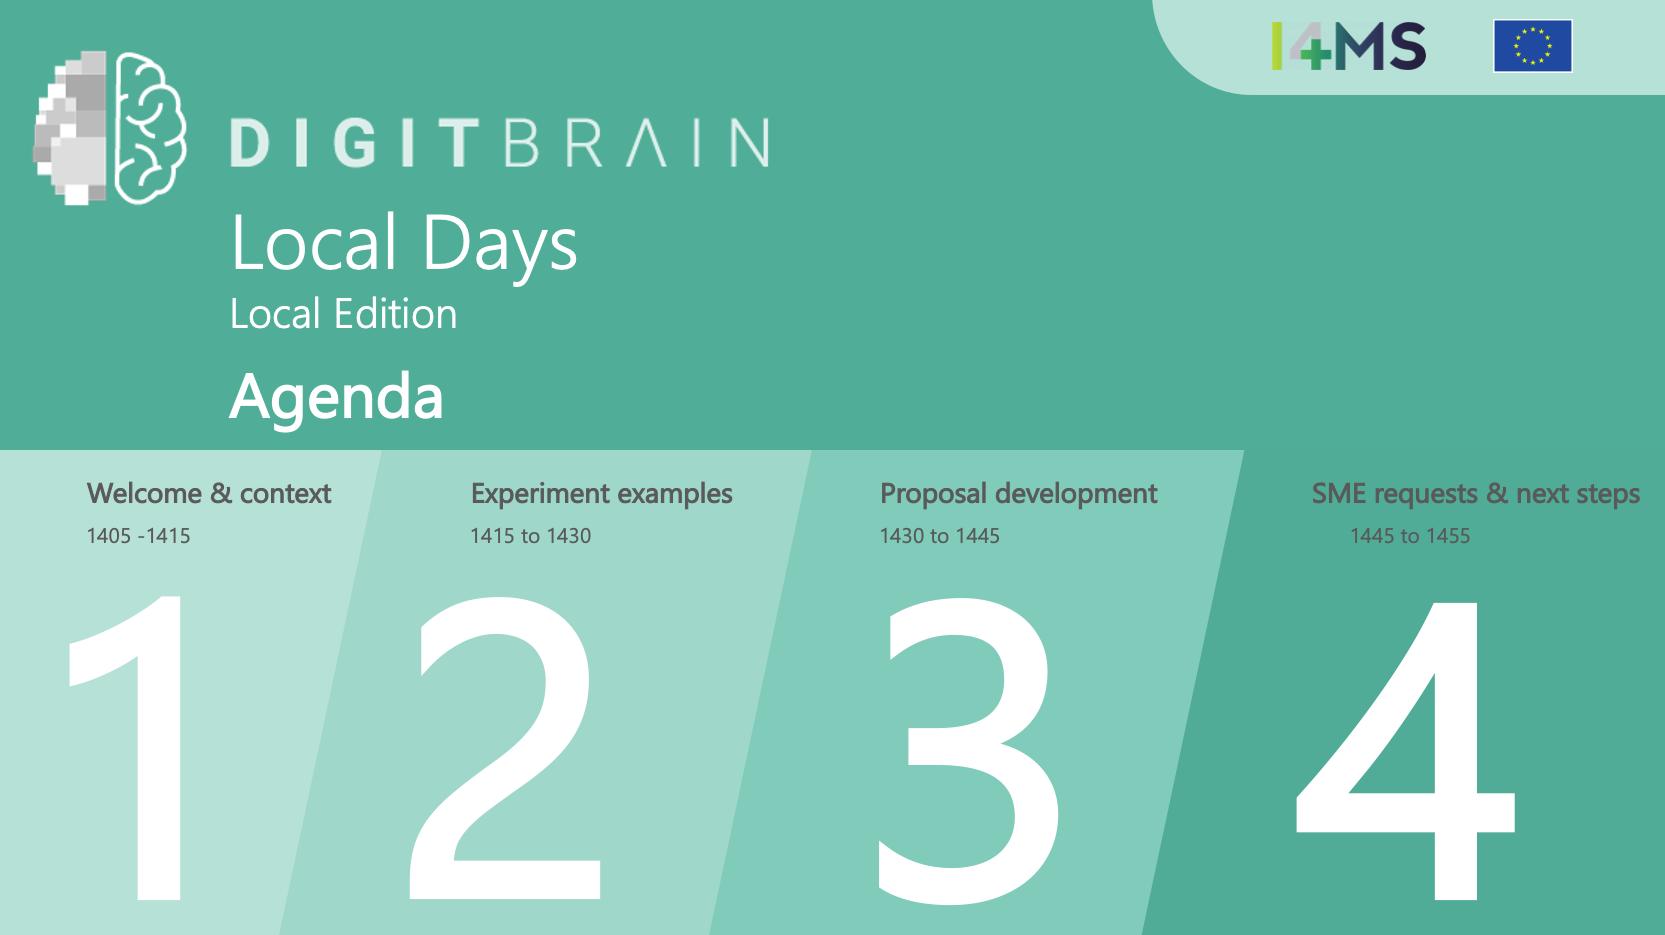 DIGITbrain Local Days Agenda